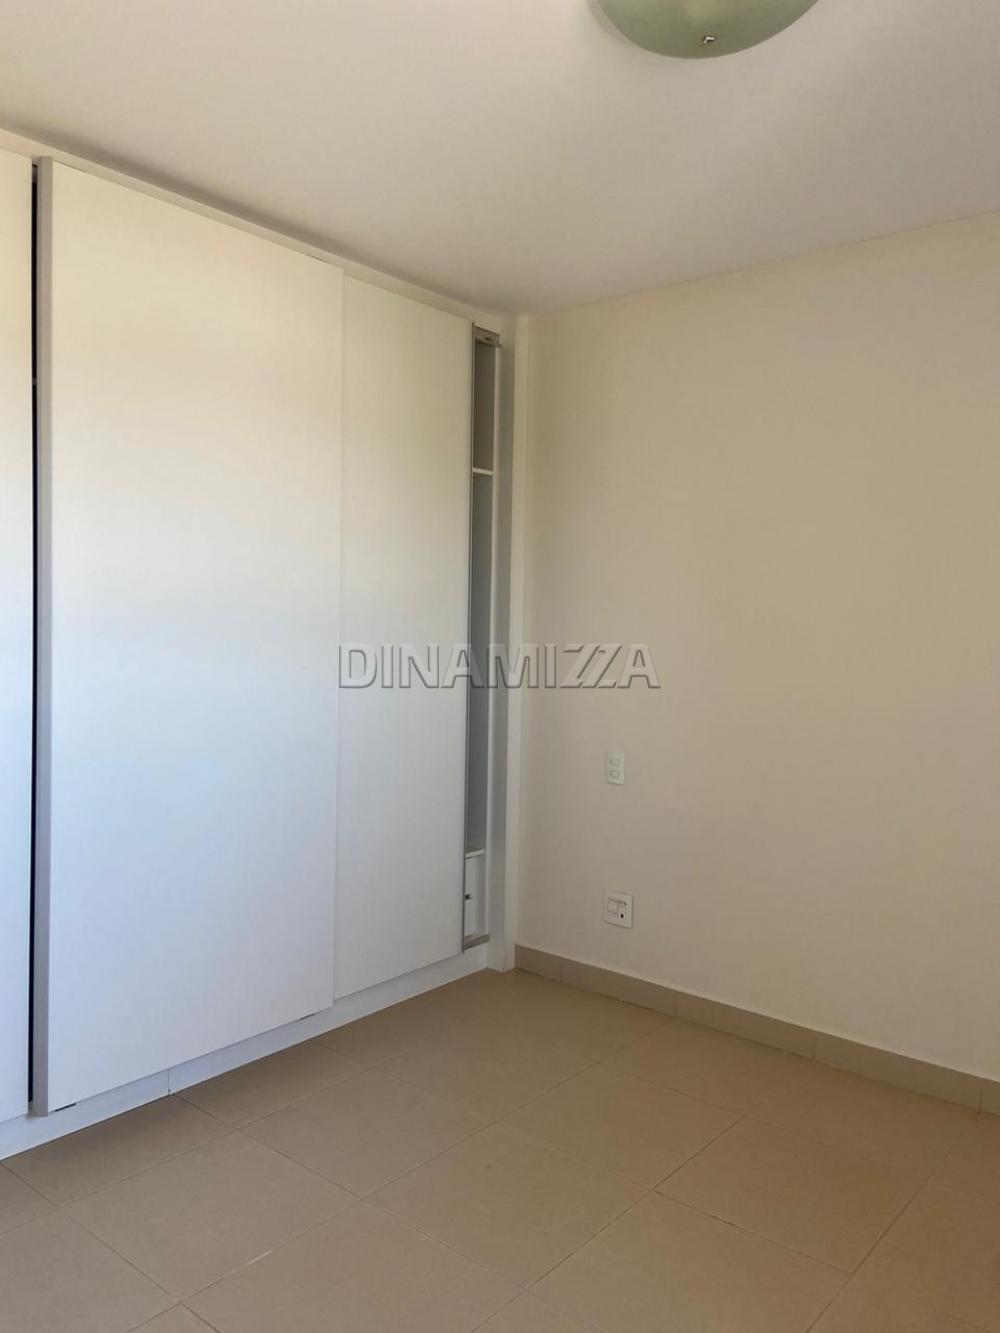 Alugar Apartamento / Padrão em Uberaba apenas R$ 2.700,00 - Foto 13